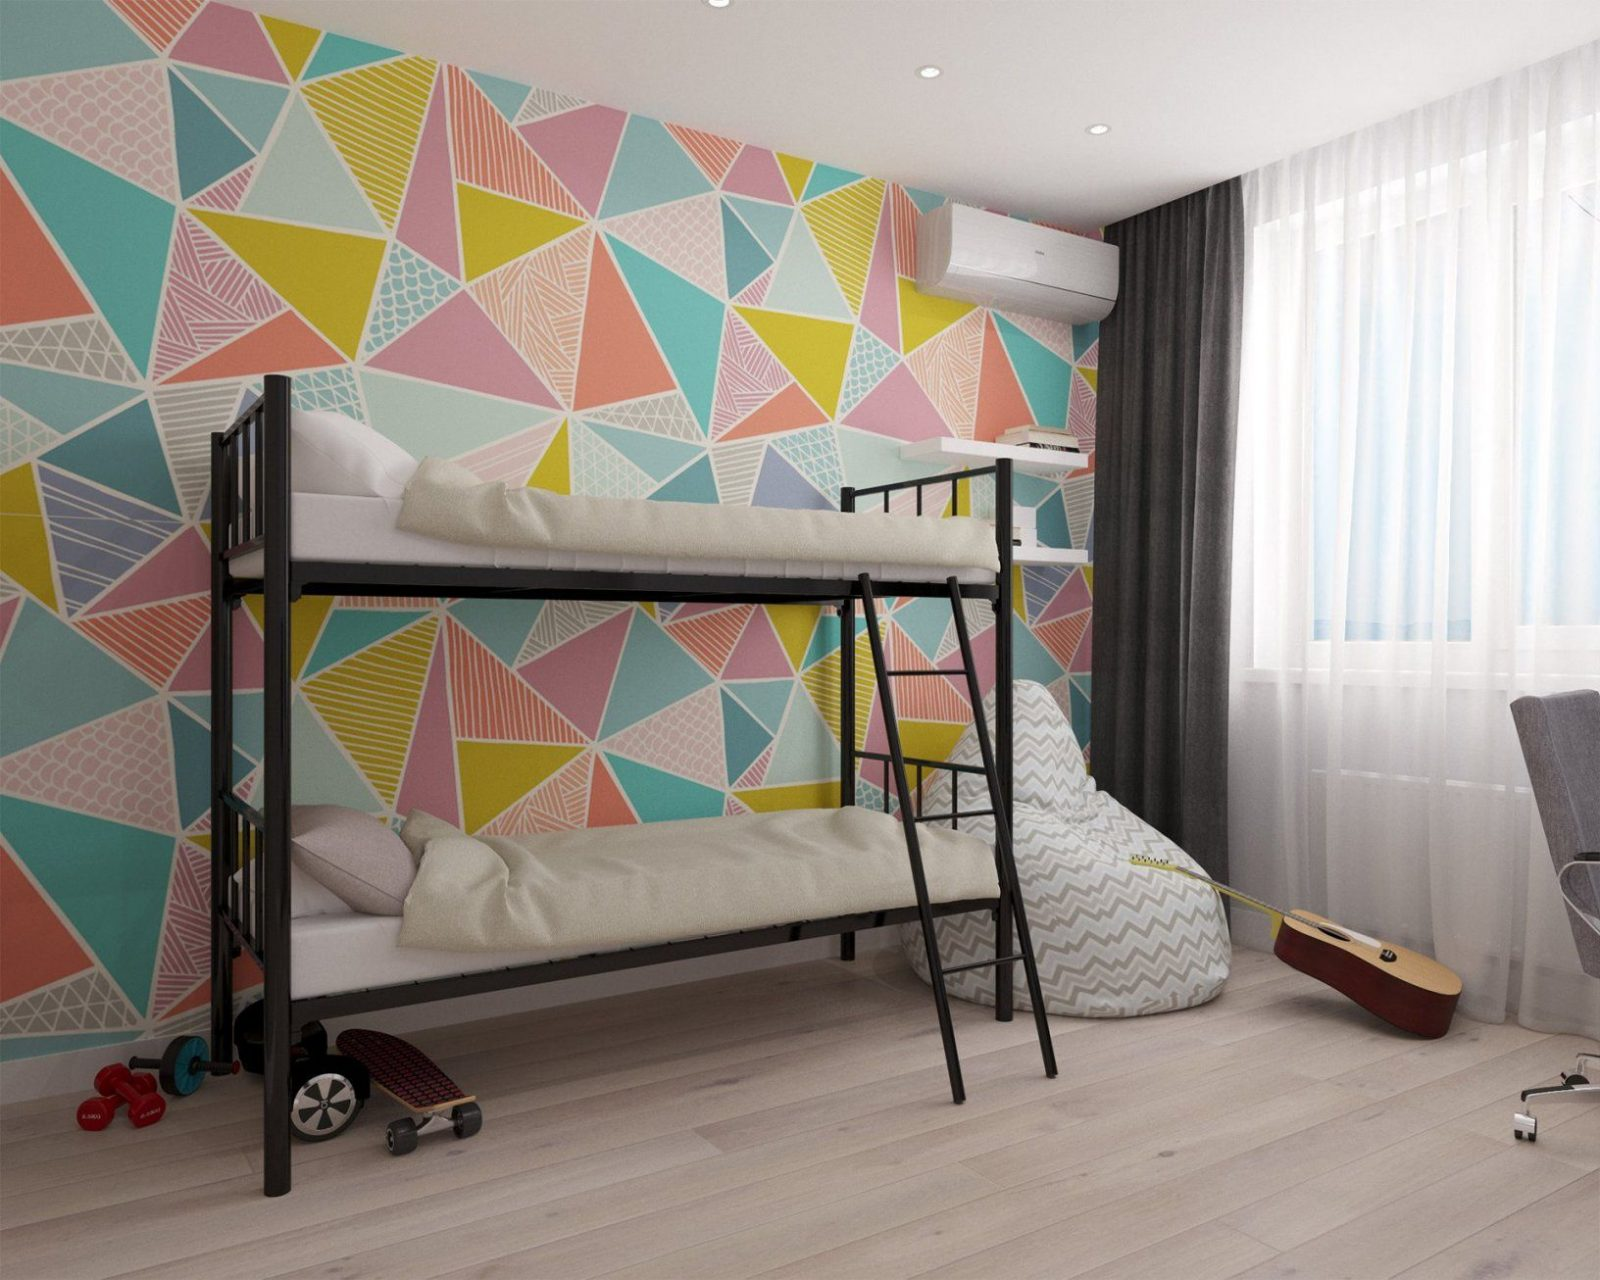 Etagenbett Km251Bett Günstig Billige Betten Hochbetten Für von Etagenbett Für Erwachsene Metall Bild